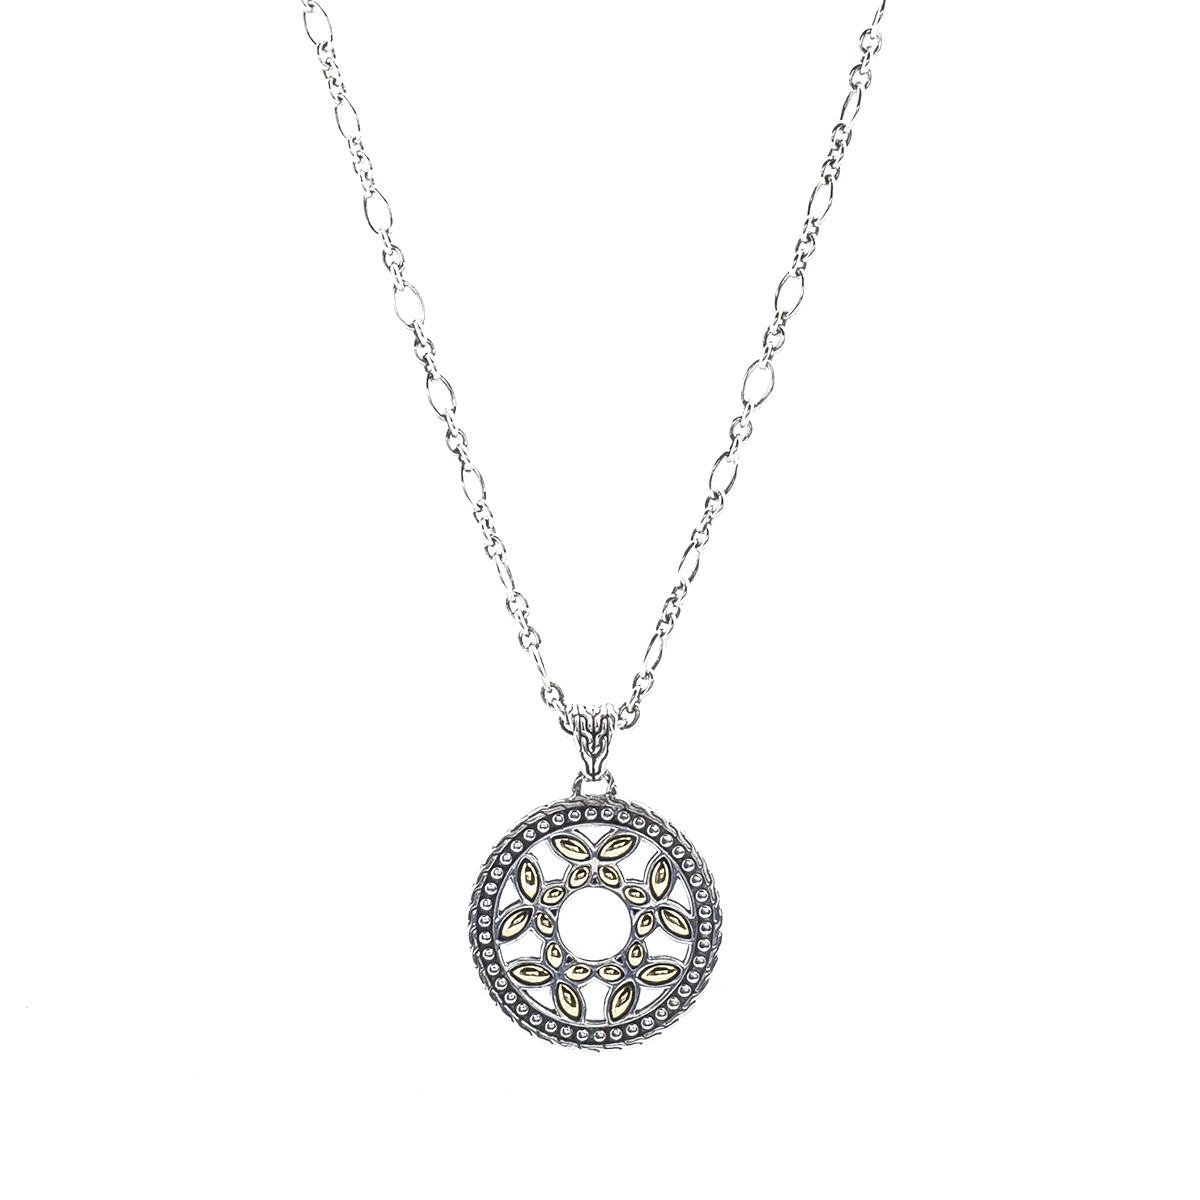 Vintage Tiffany & Co. Bead Necklace